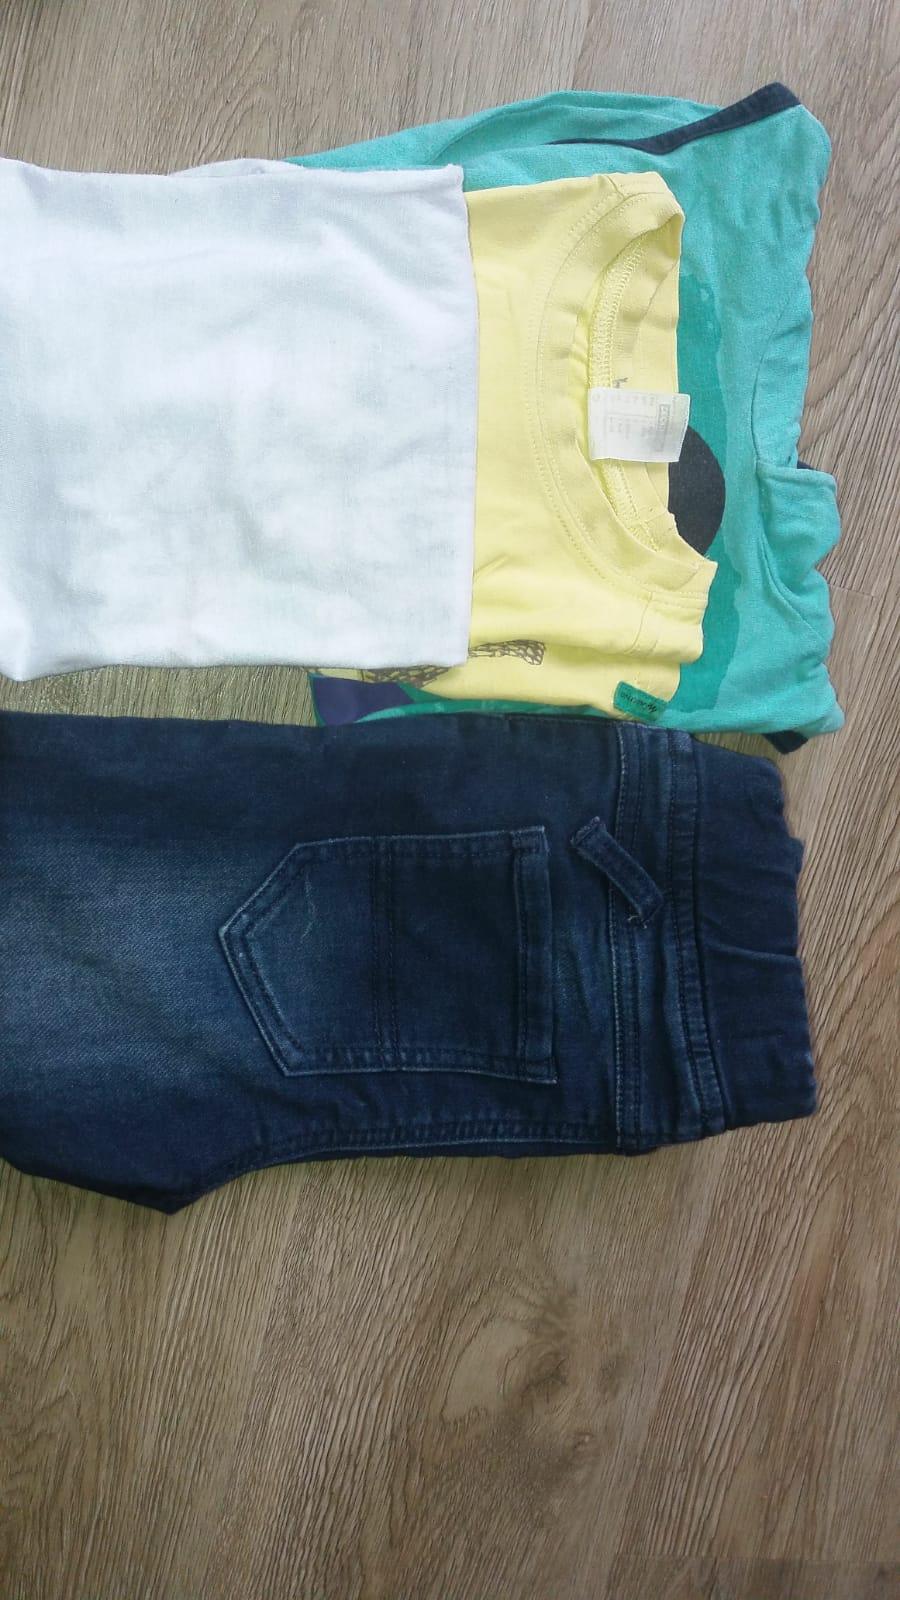 lot de roba de 3 anys